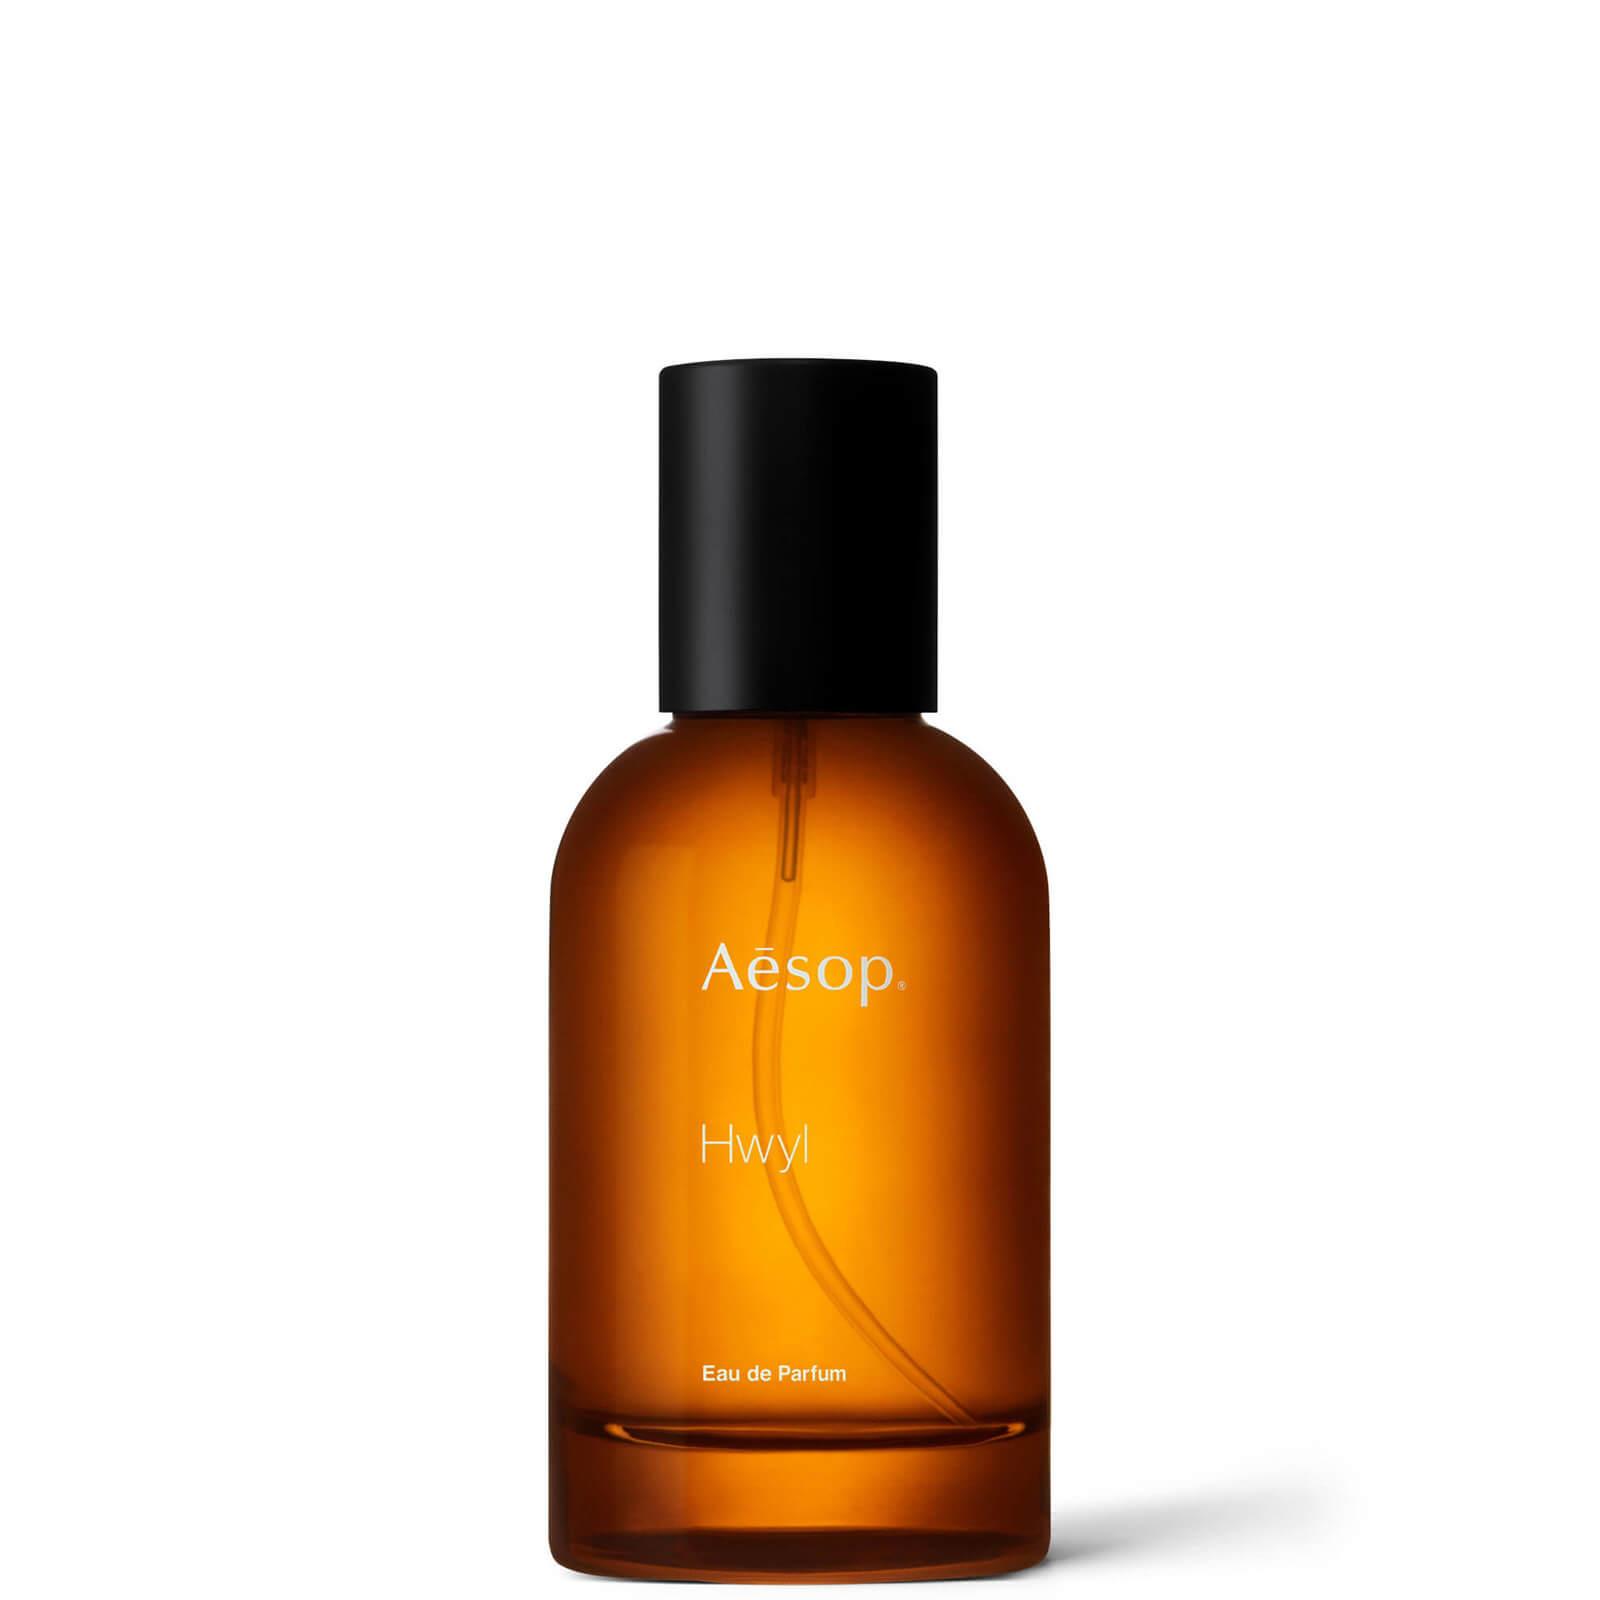 Купить Aesop Hwyl Eau de Parfum 50ml